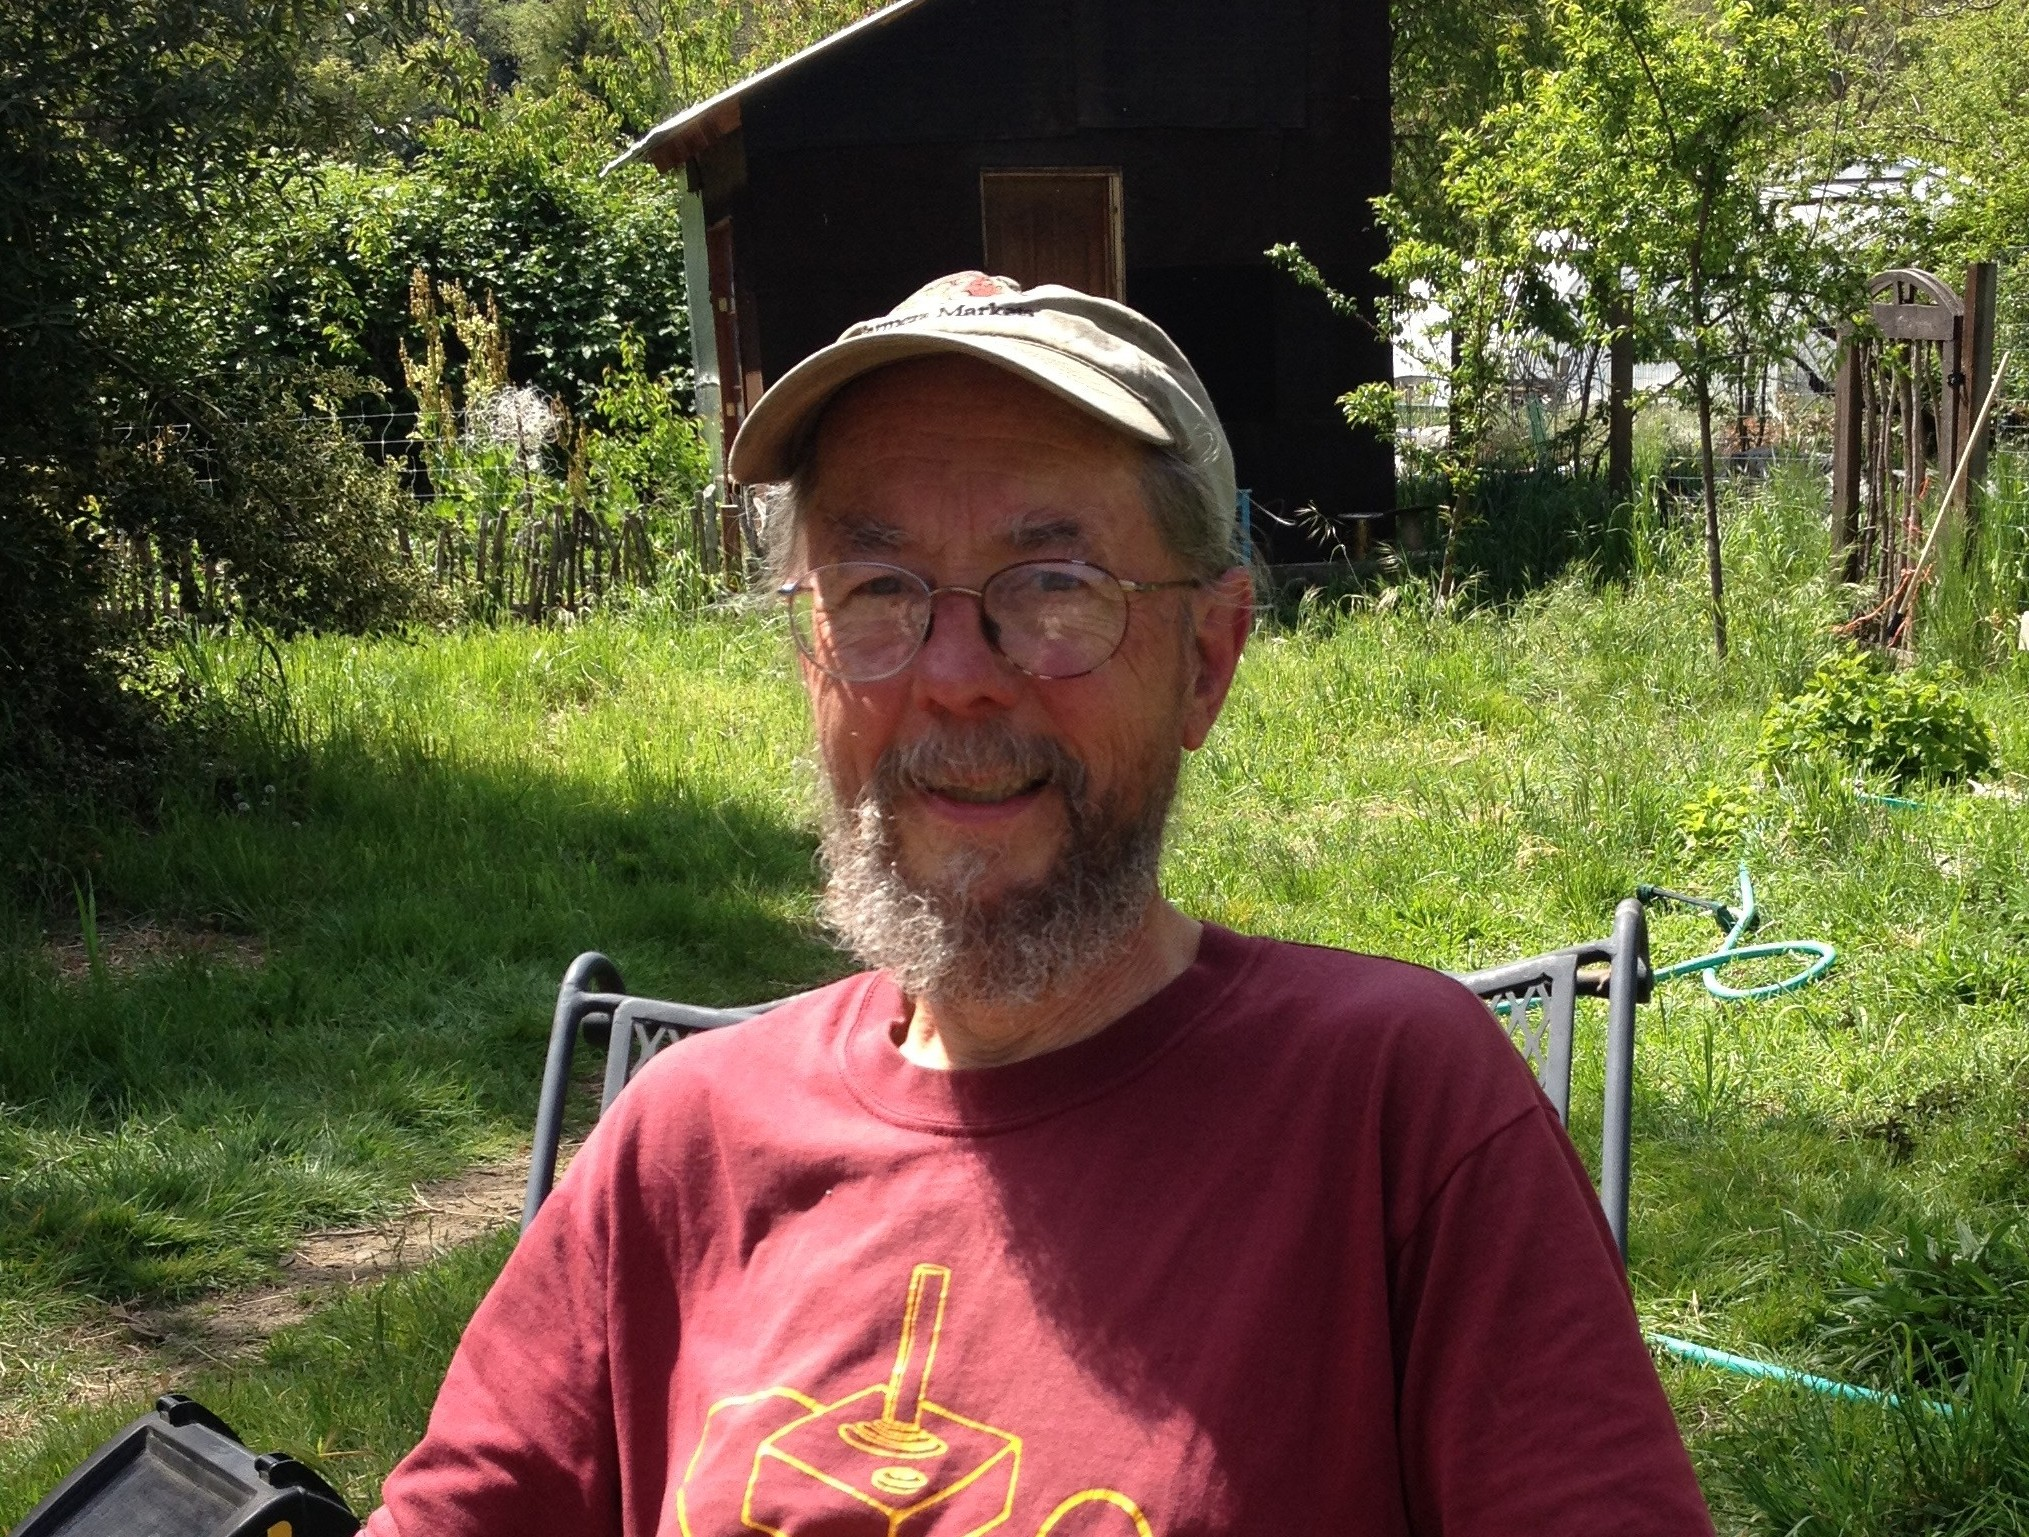 Farmer Foley